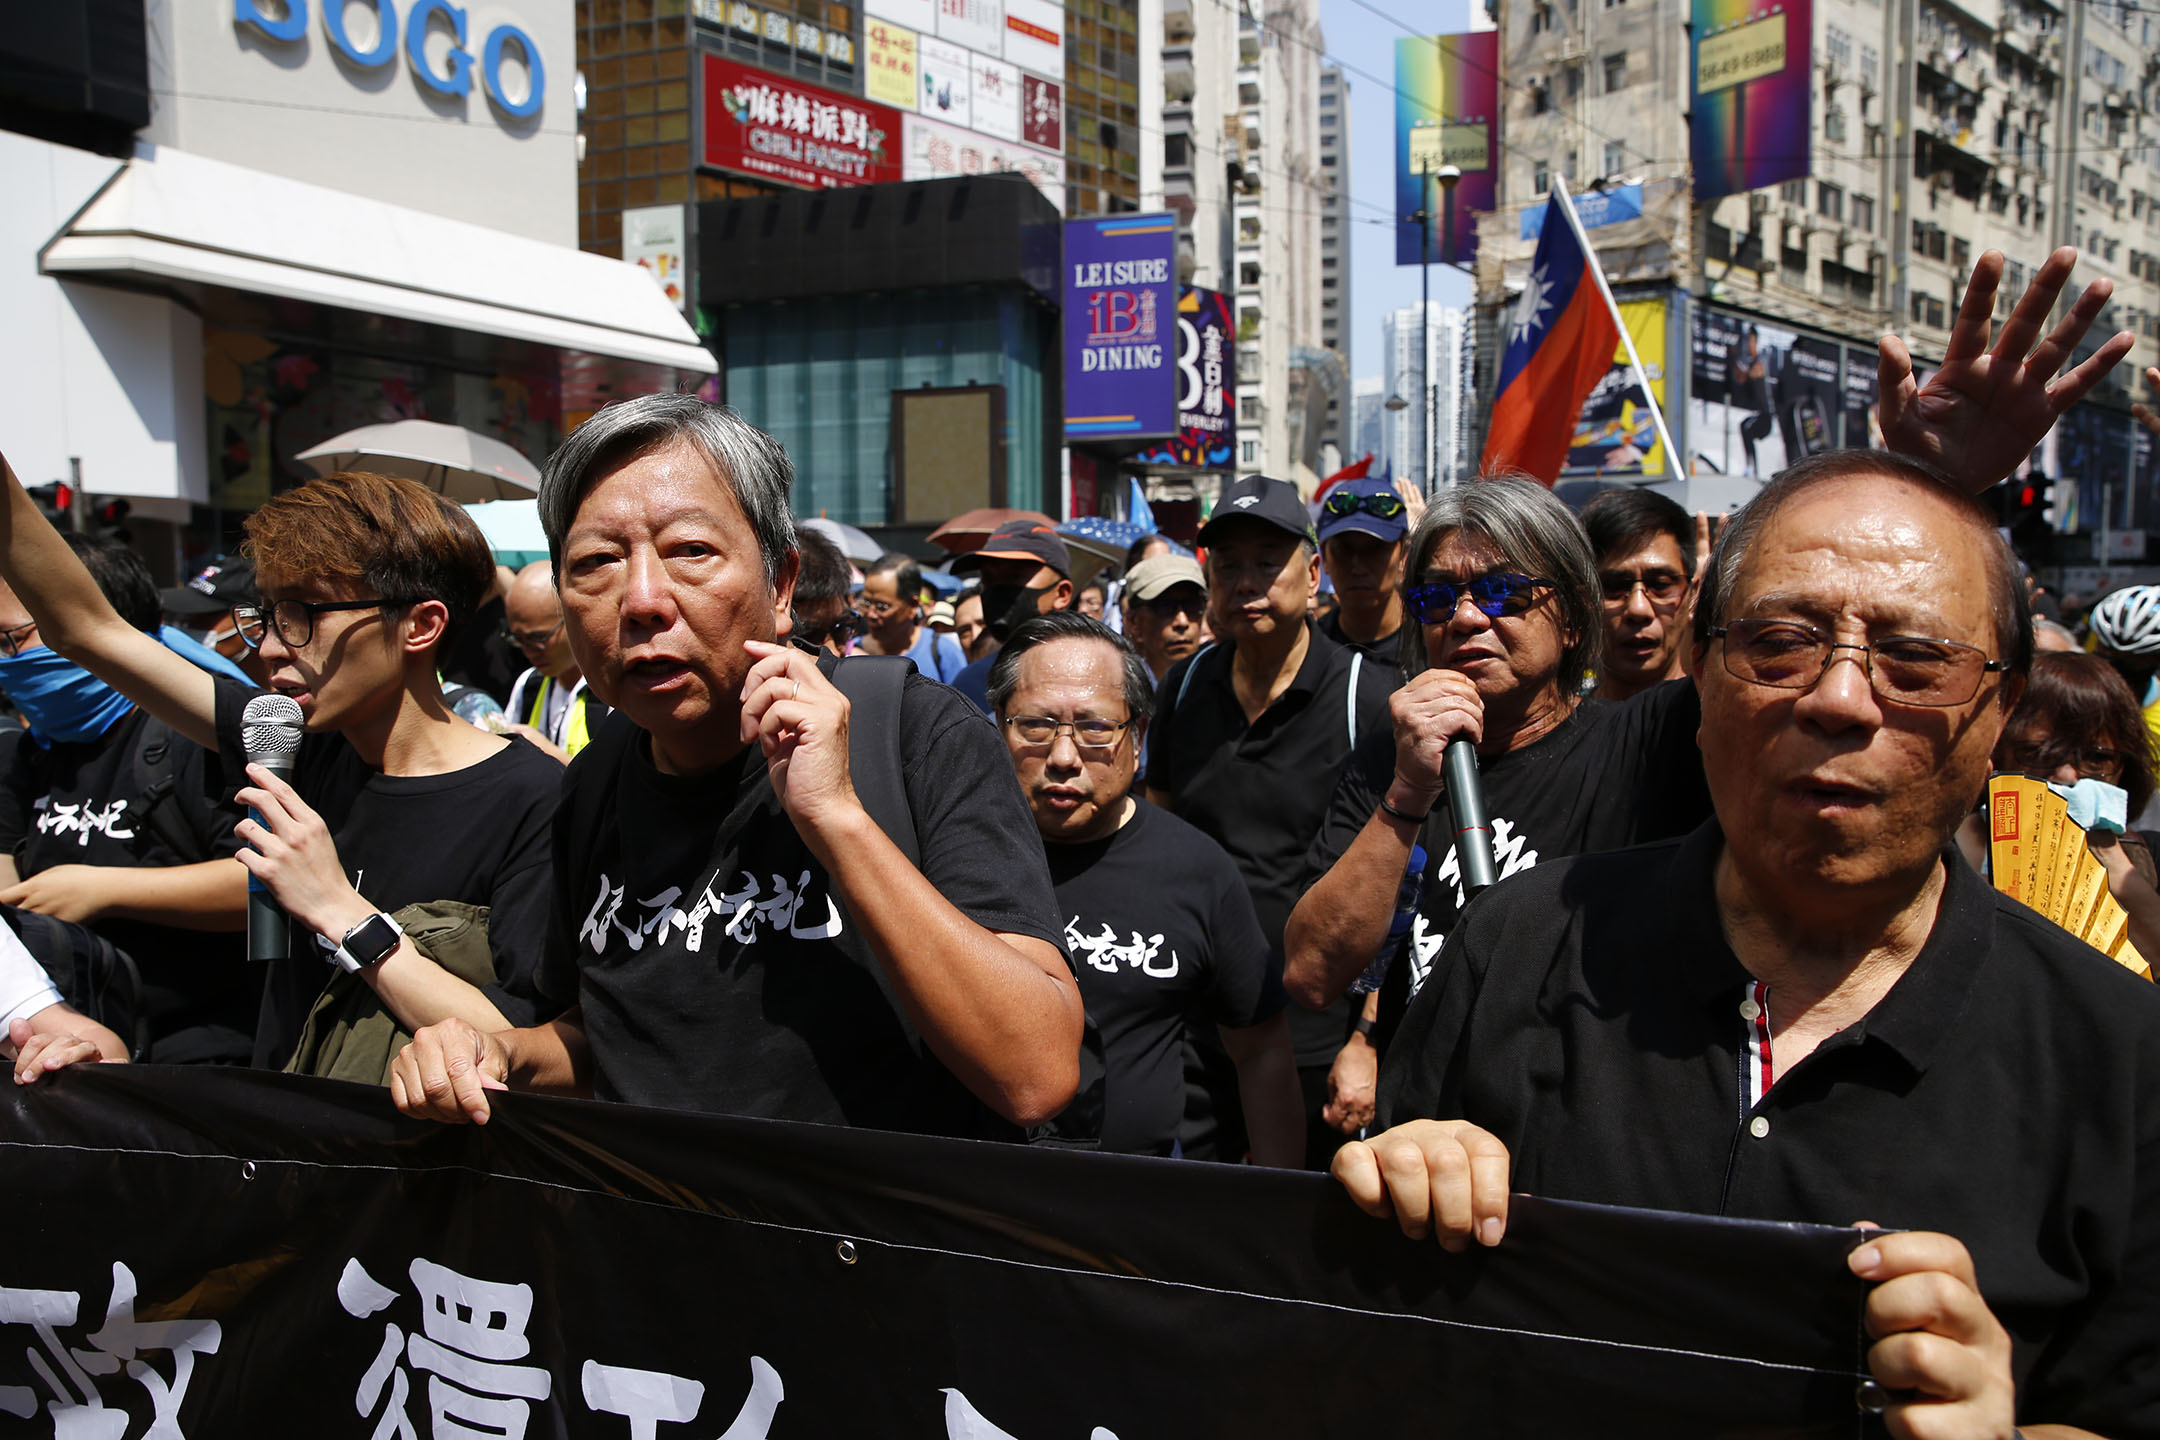 決定以個人名義承接民陣原定遊行路線的陳皓桓、李卓人、何俊仁和梁國雄走在遊行隊伍前列。